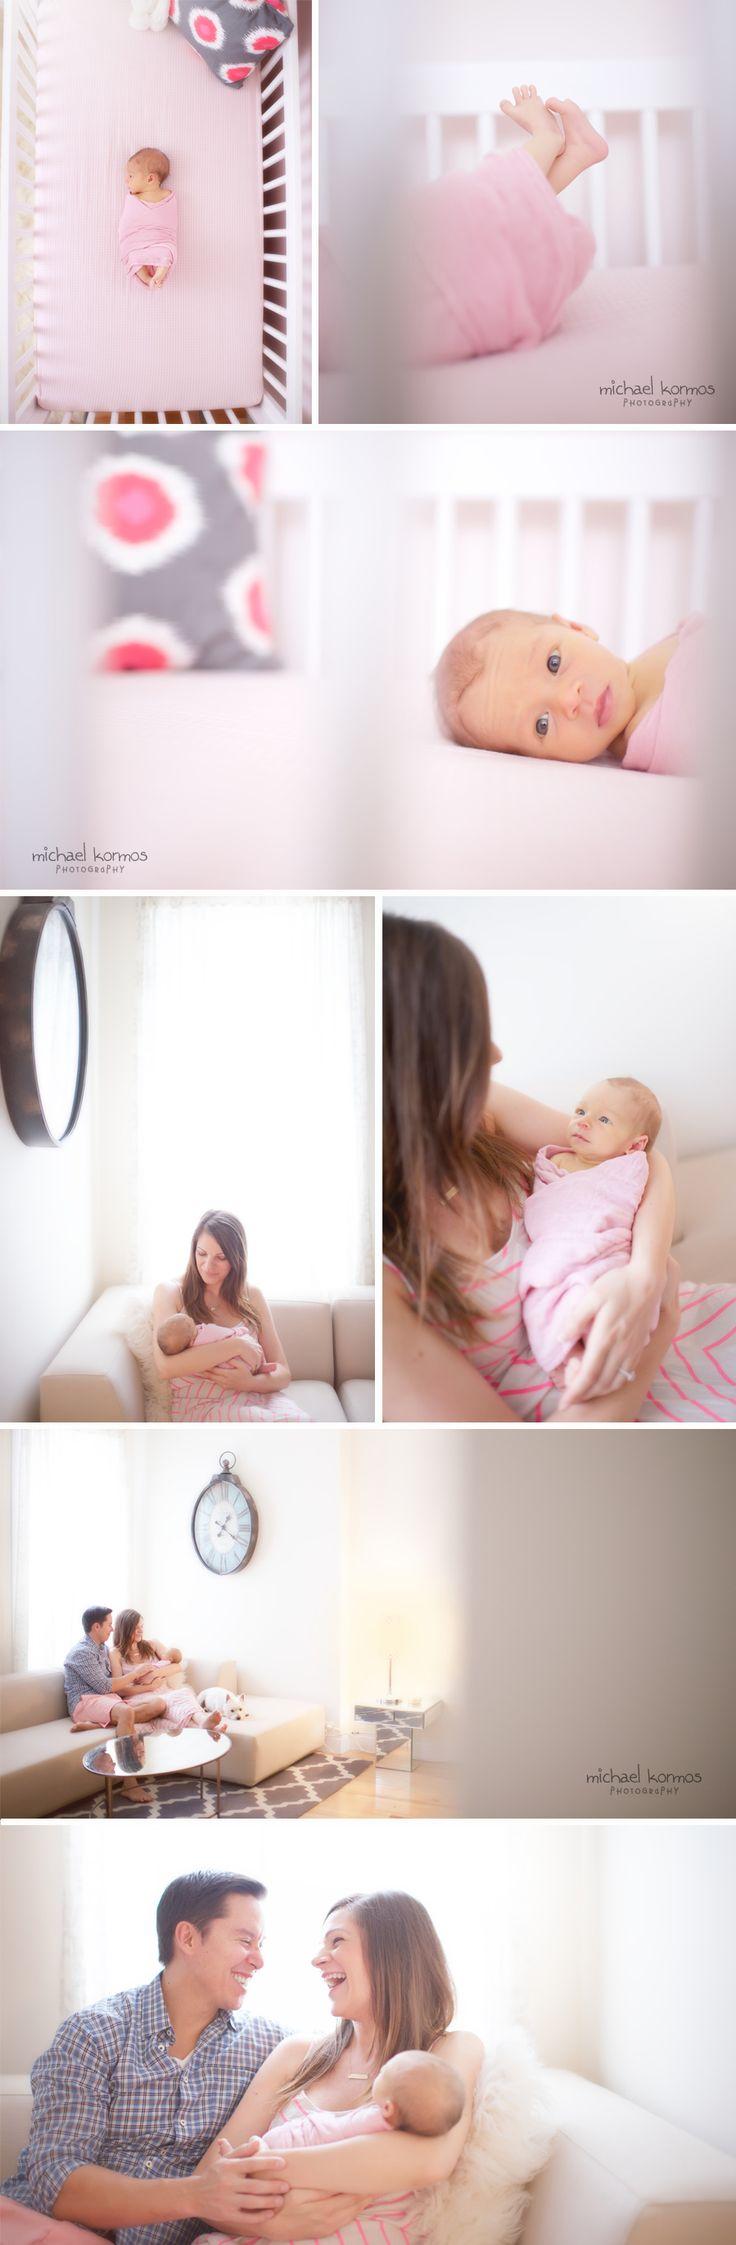 newborn captured artistically in her crib and nursery